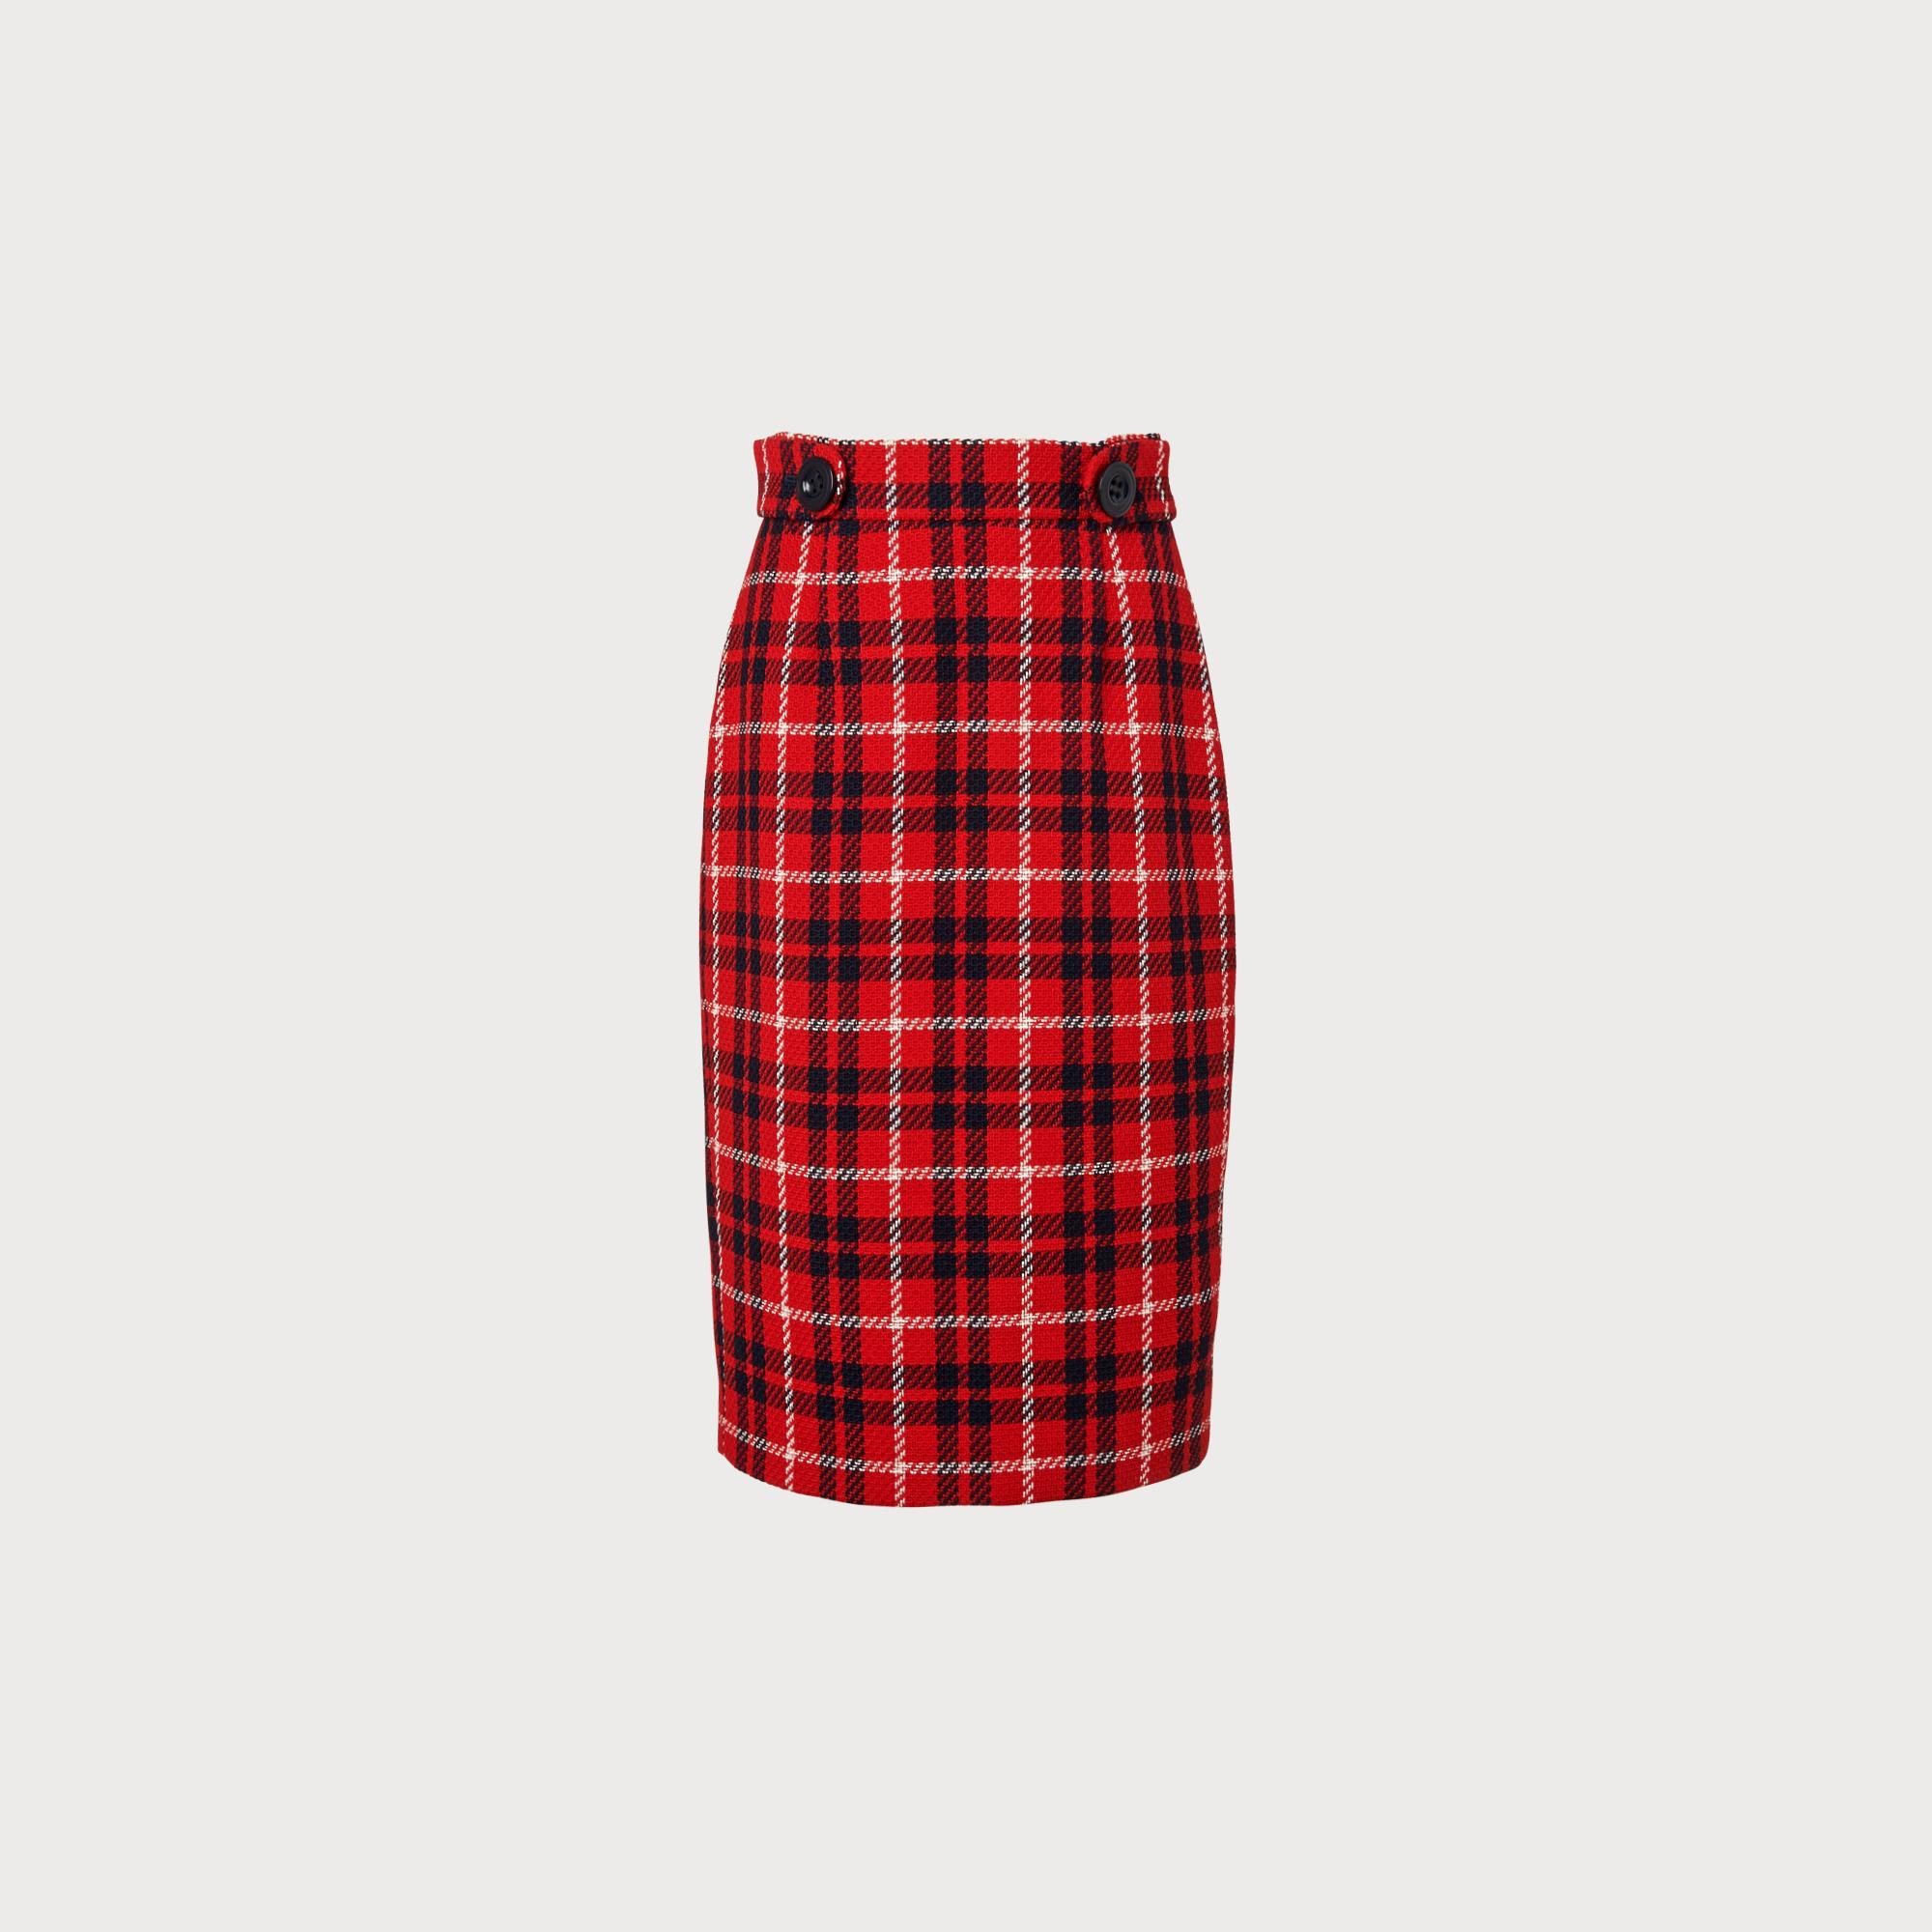 989516e803f8 Miroe Red Check Skirt | Clothing | L.K.Bennett